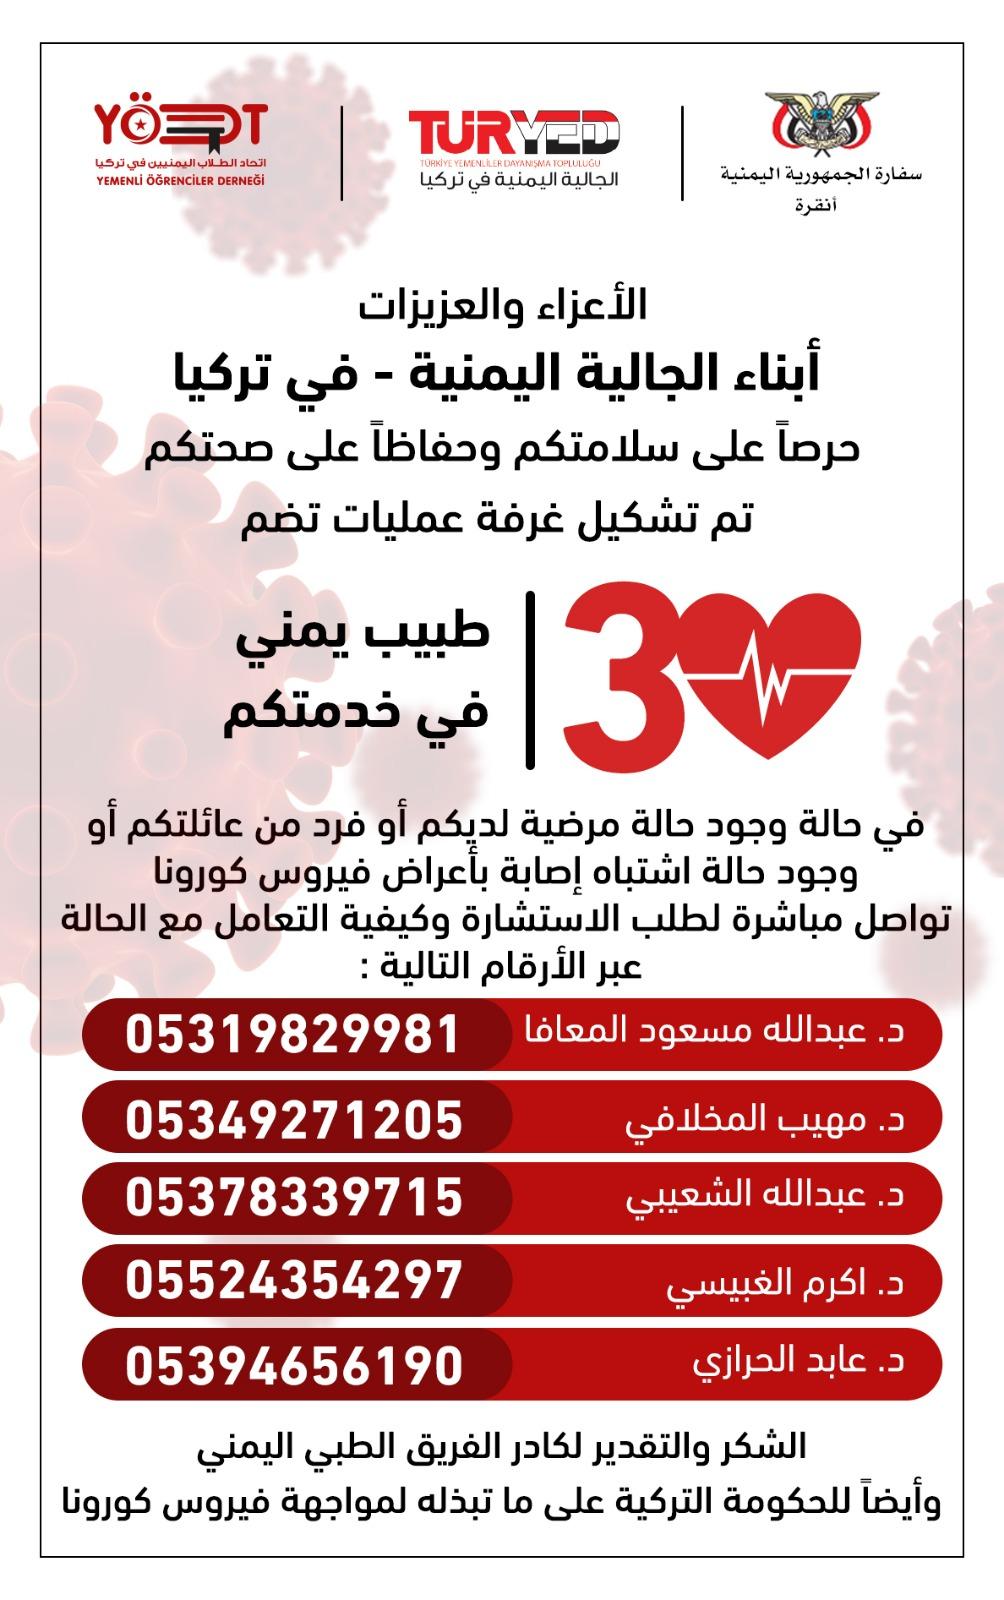 الجالية اليمنية في تركيا تشكل غرفة عمليات تضم 30 طبيباً يمنياً